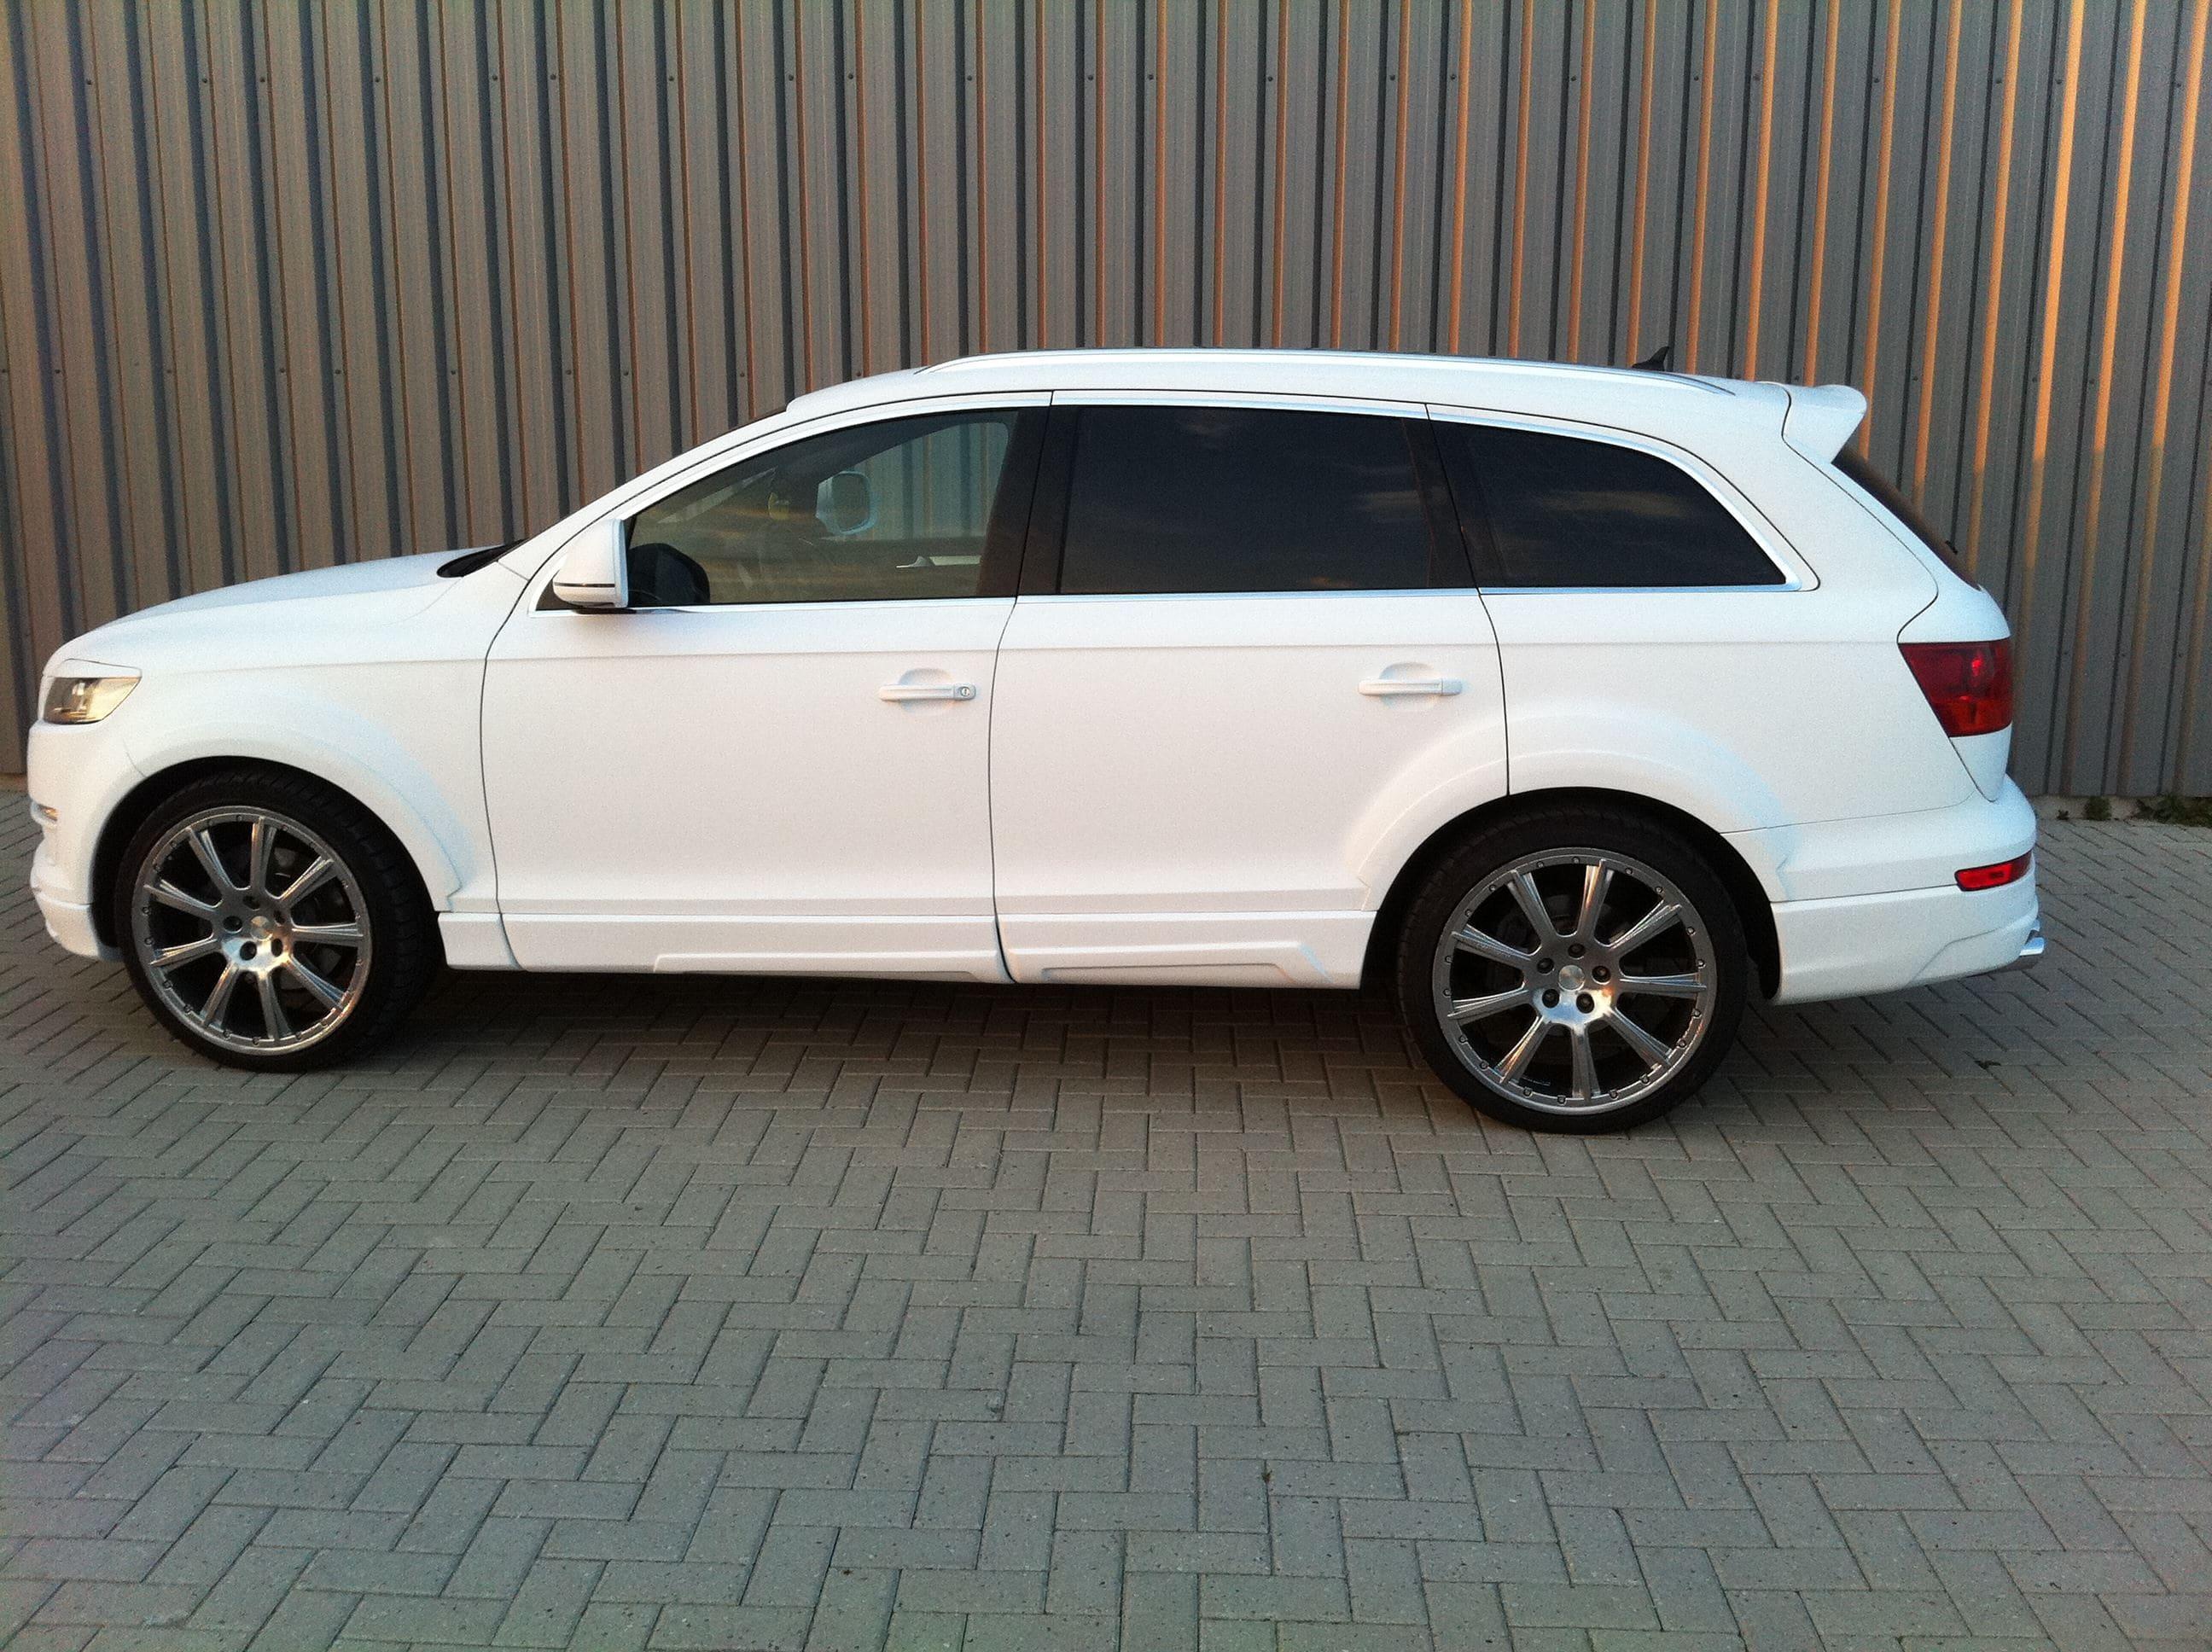 Audi Q7 met Mat Witte Wrap, Carwrapping door Wrapmyride.nu Foto-nr:4926, ©2021